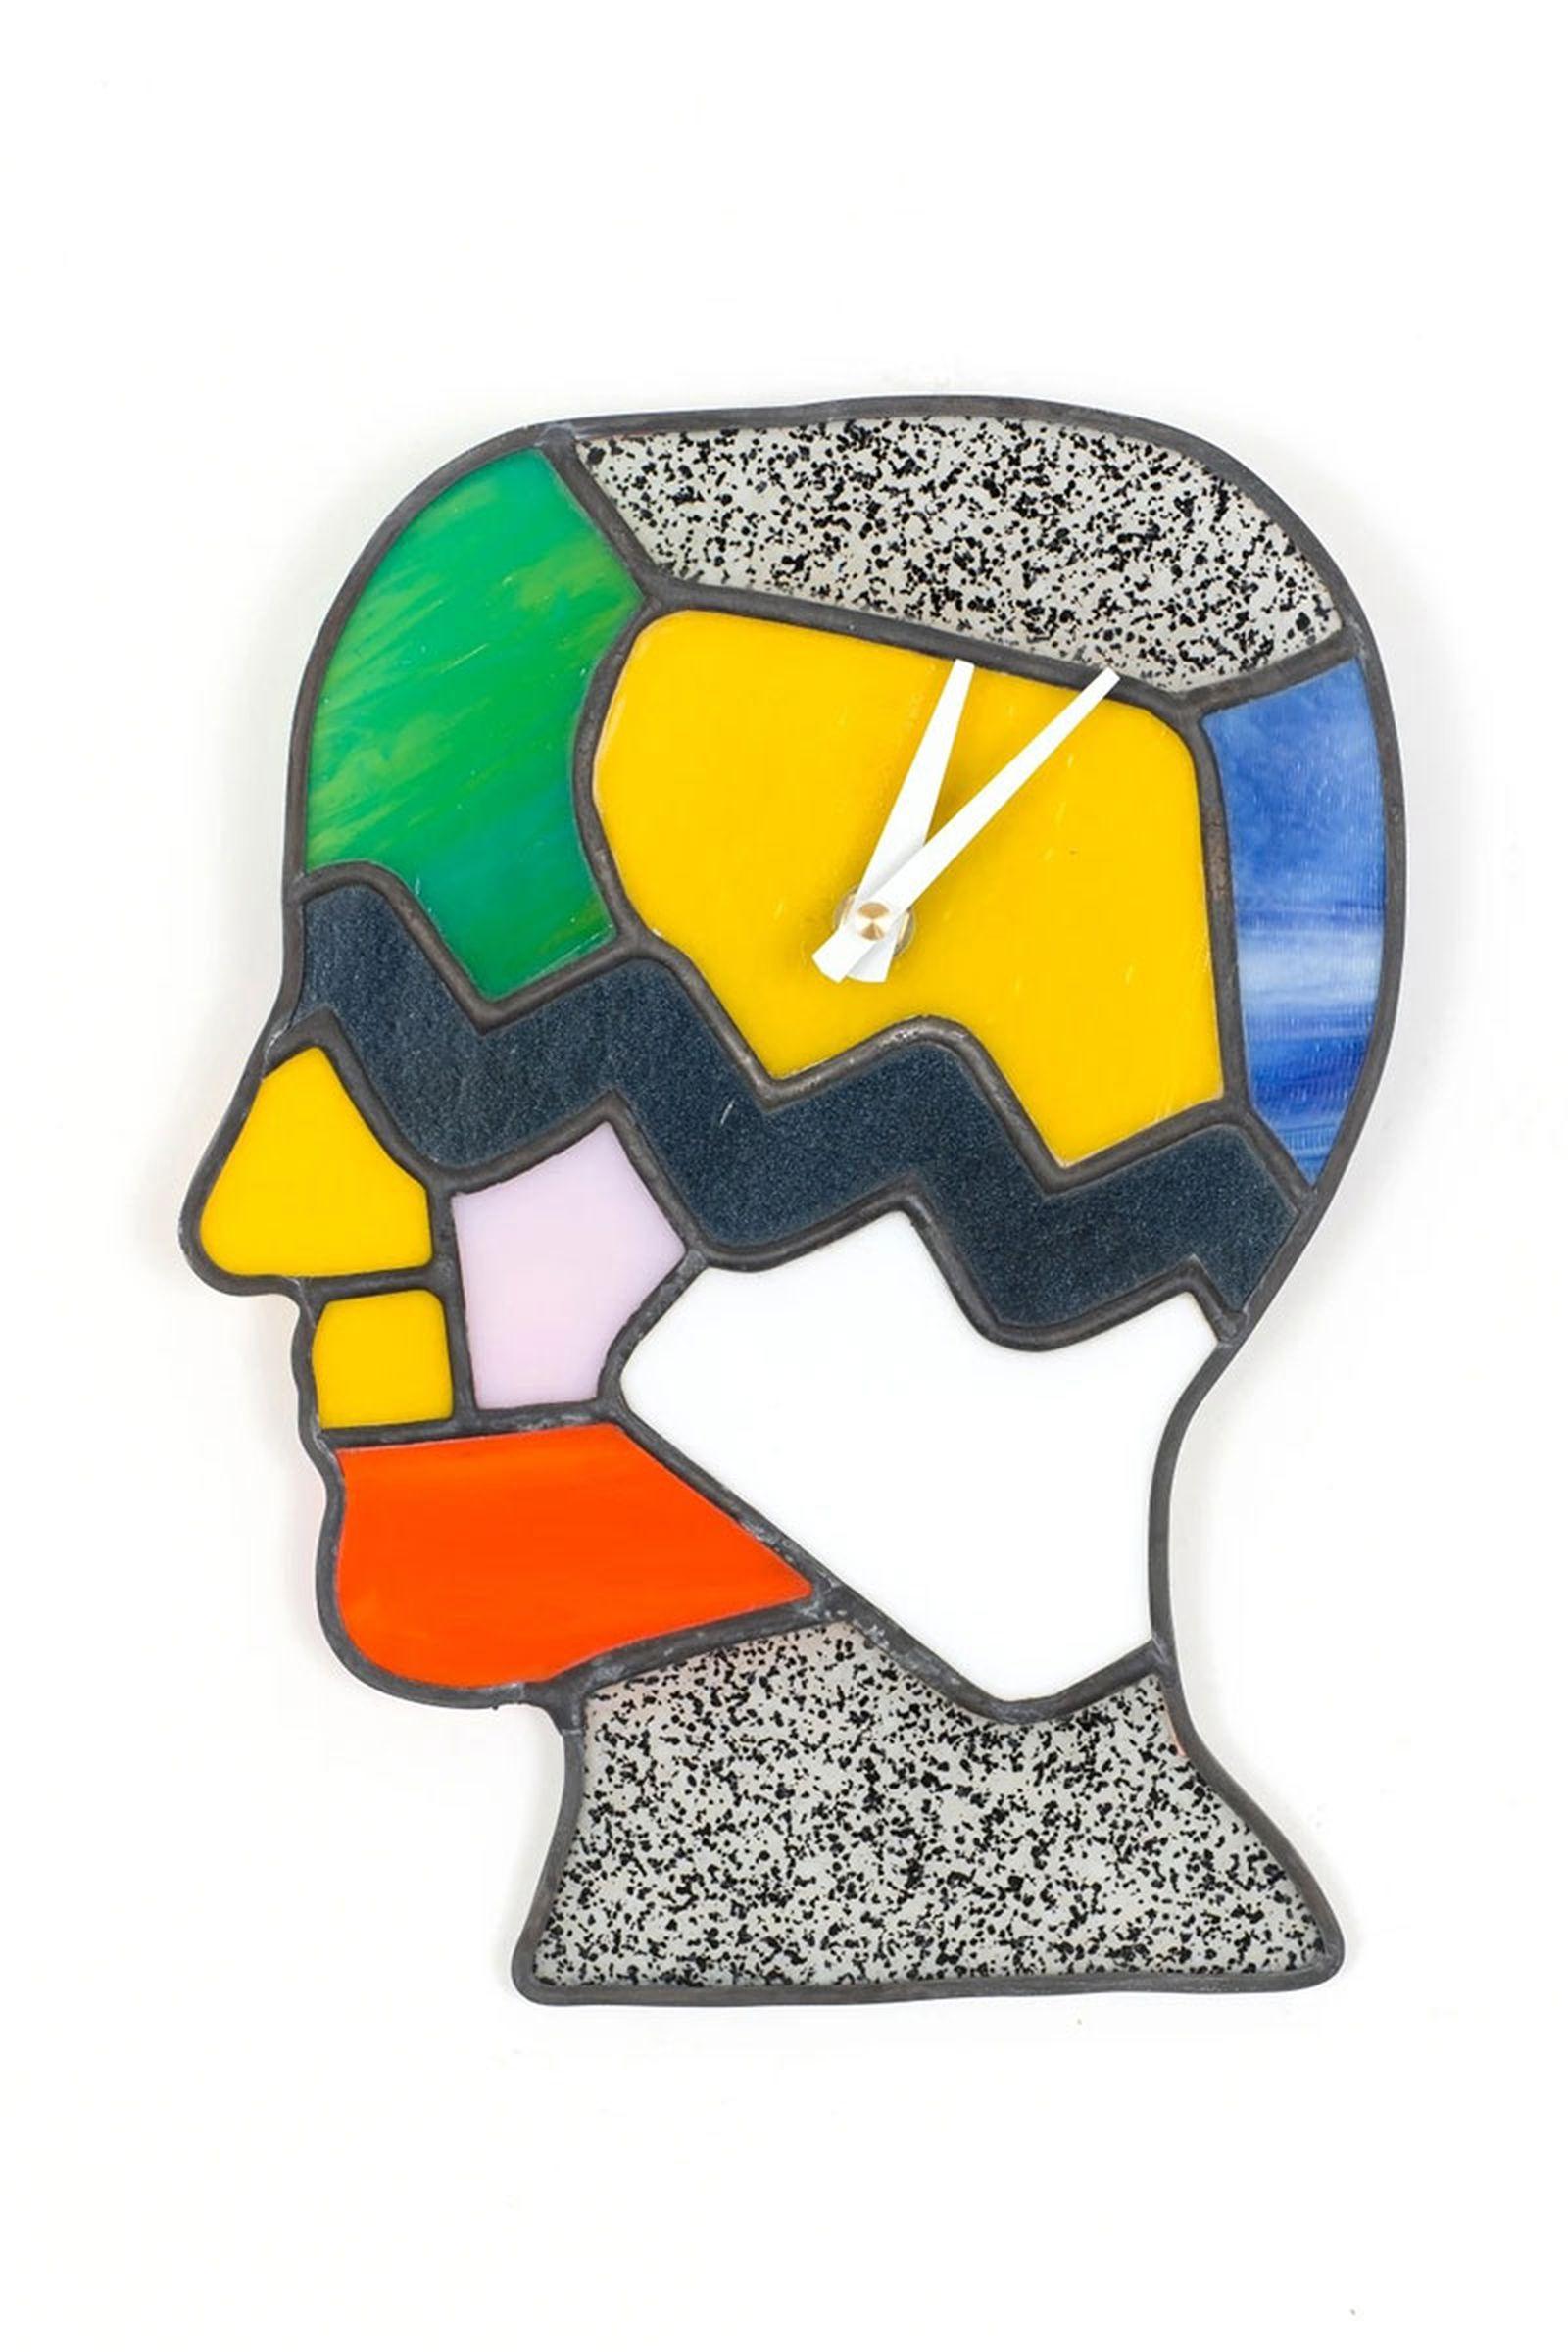 brain-dead-kerbi-urbanowski-stained-glass-clocks-(4)